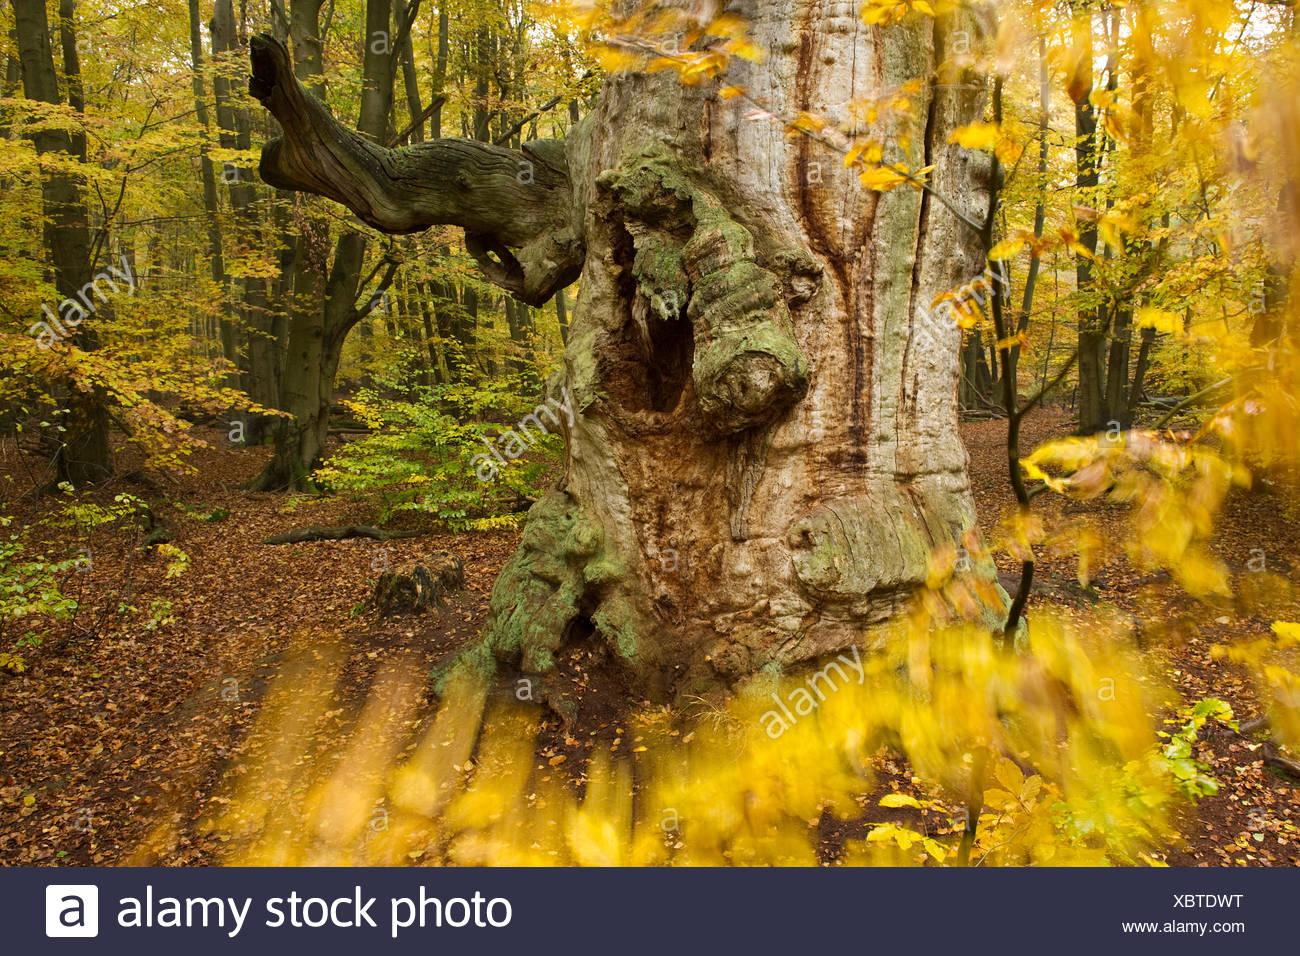 Old Oak (Quercus) in autumn, Urwald Sababurg primeval forest, Reinhardswald, Hofgeismar, North Hesse - Stock Image